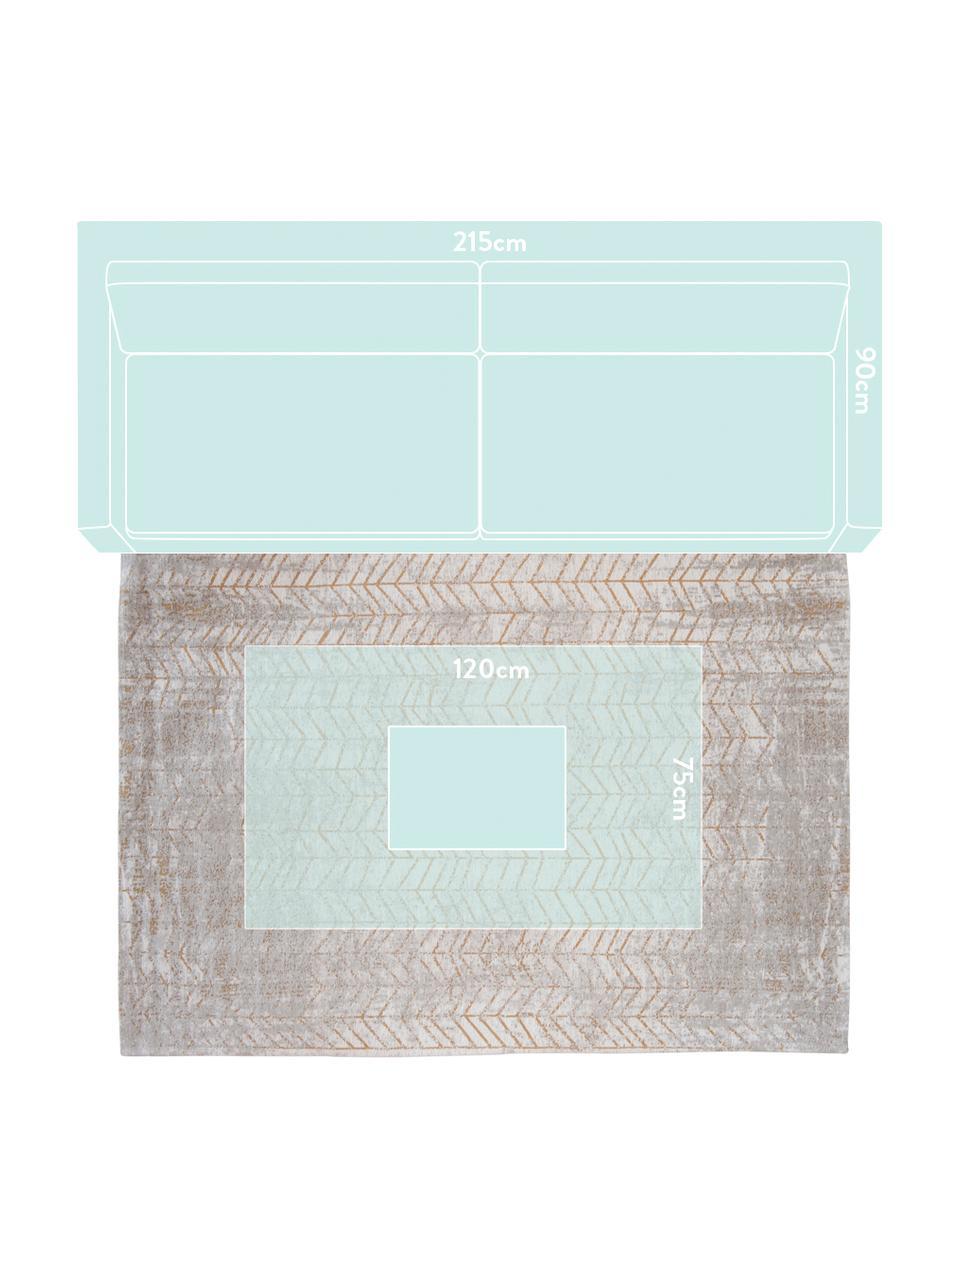 Teppich J. Ladder in Grau mit goldenem Zickzack-Muster, Flor: 85%Baumwolle, 15%hochgl, Webart: Jacquard, Grautöne, Gebrochenes Weiß, Goldfarben, B 140 x L 200 cm (Größe S)